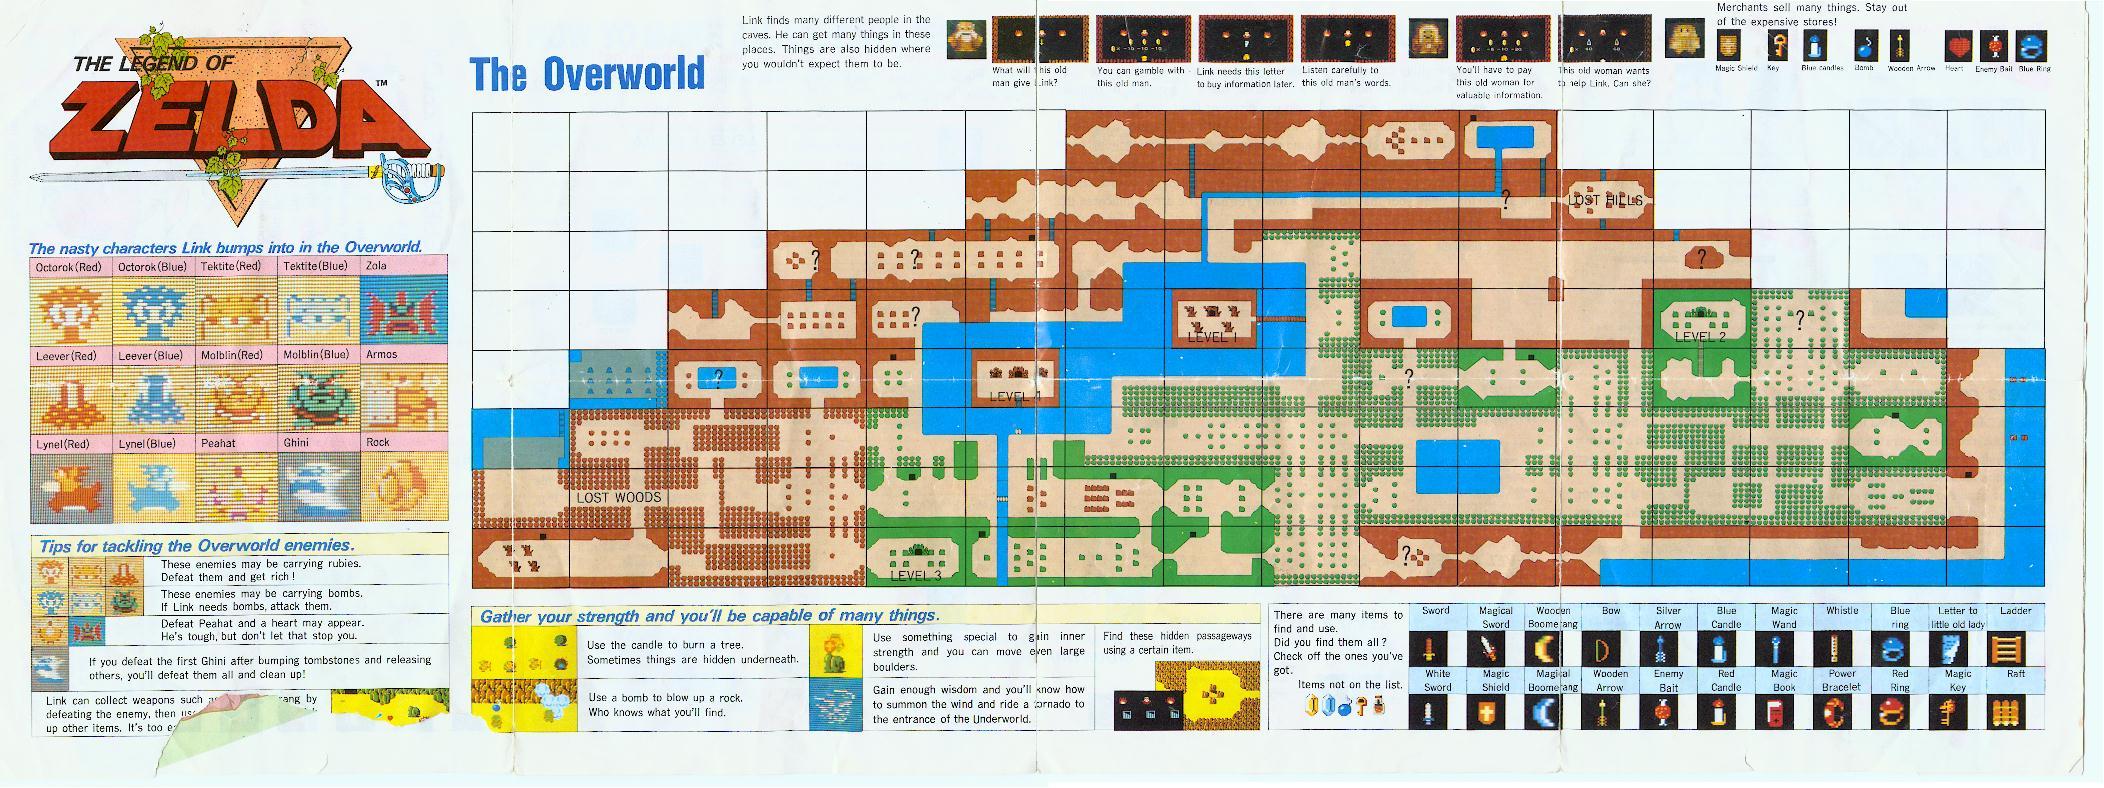 legend_of_zelda_map_front.jpg